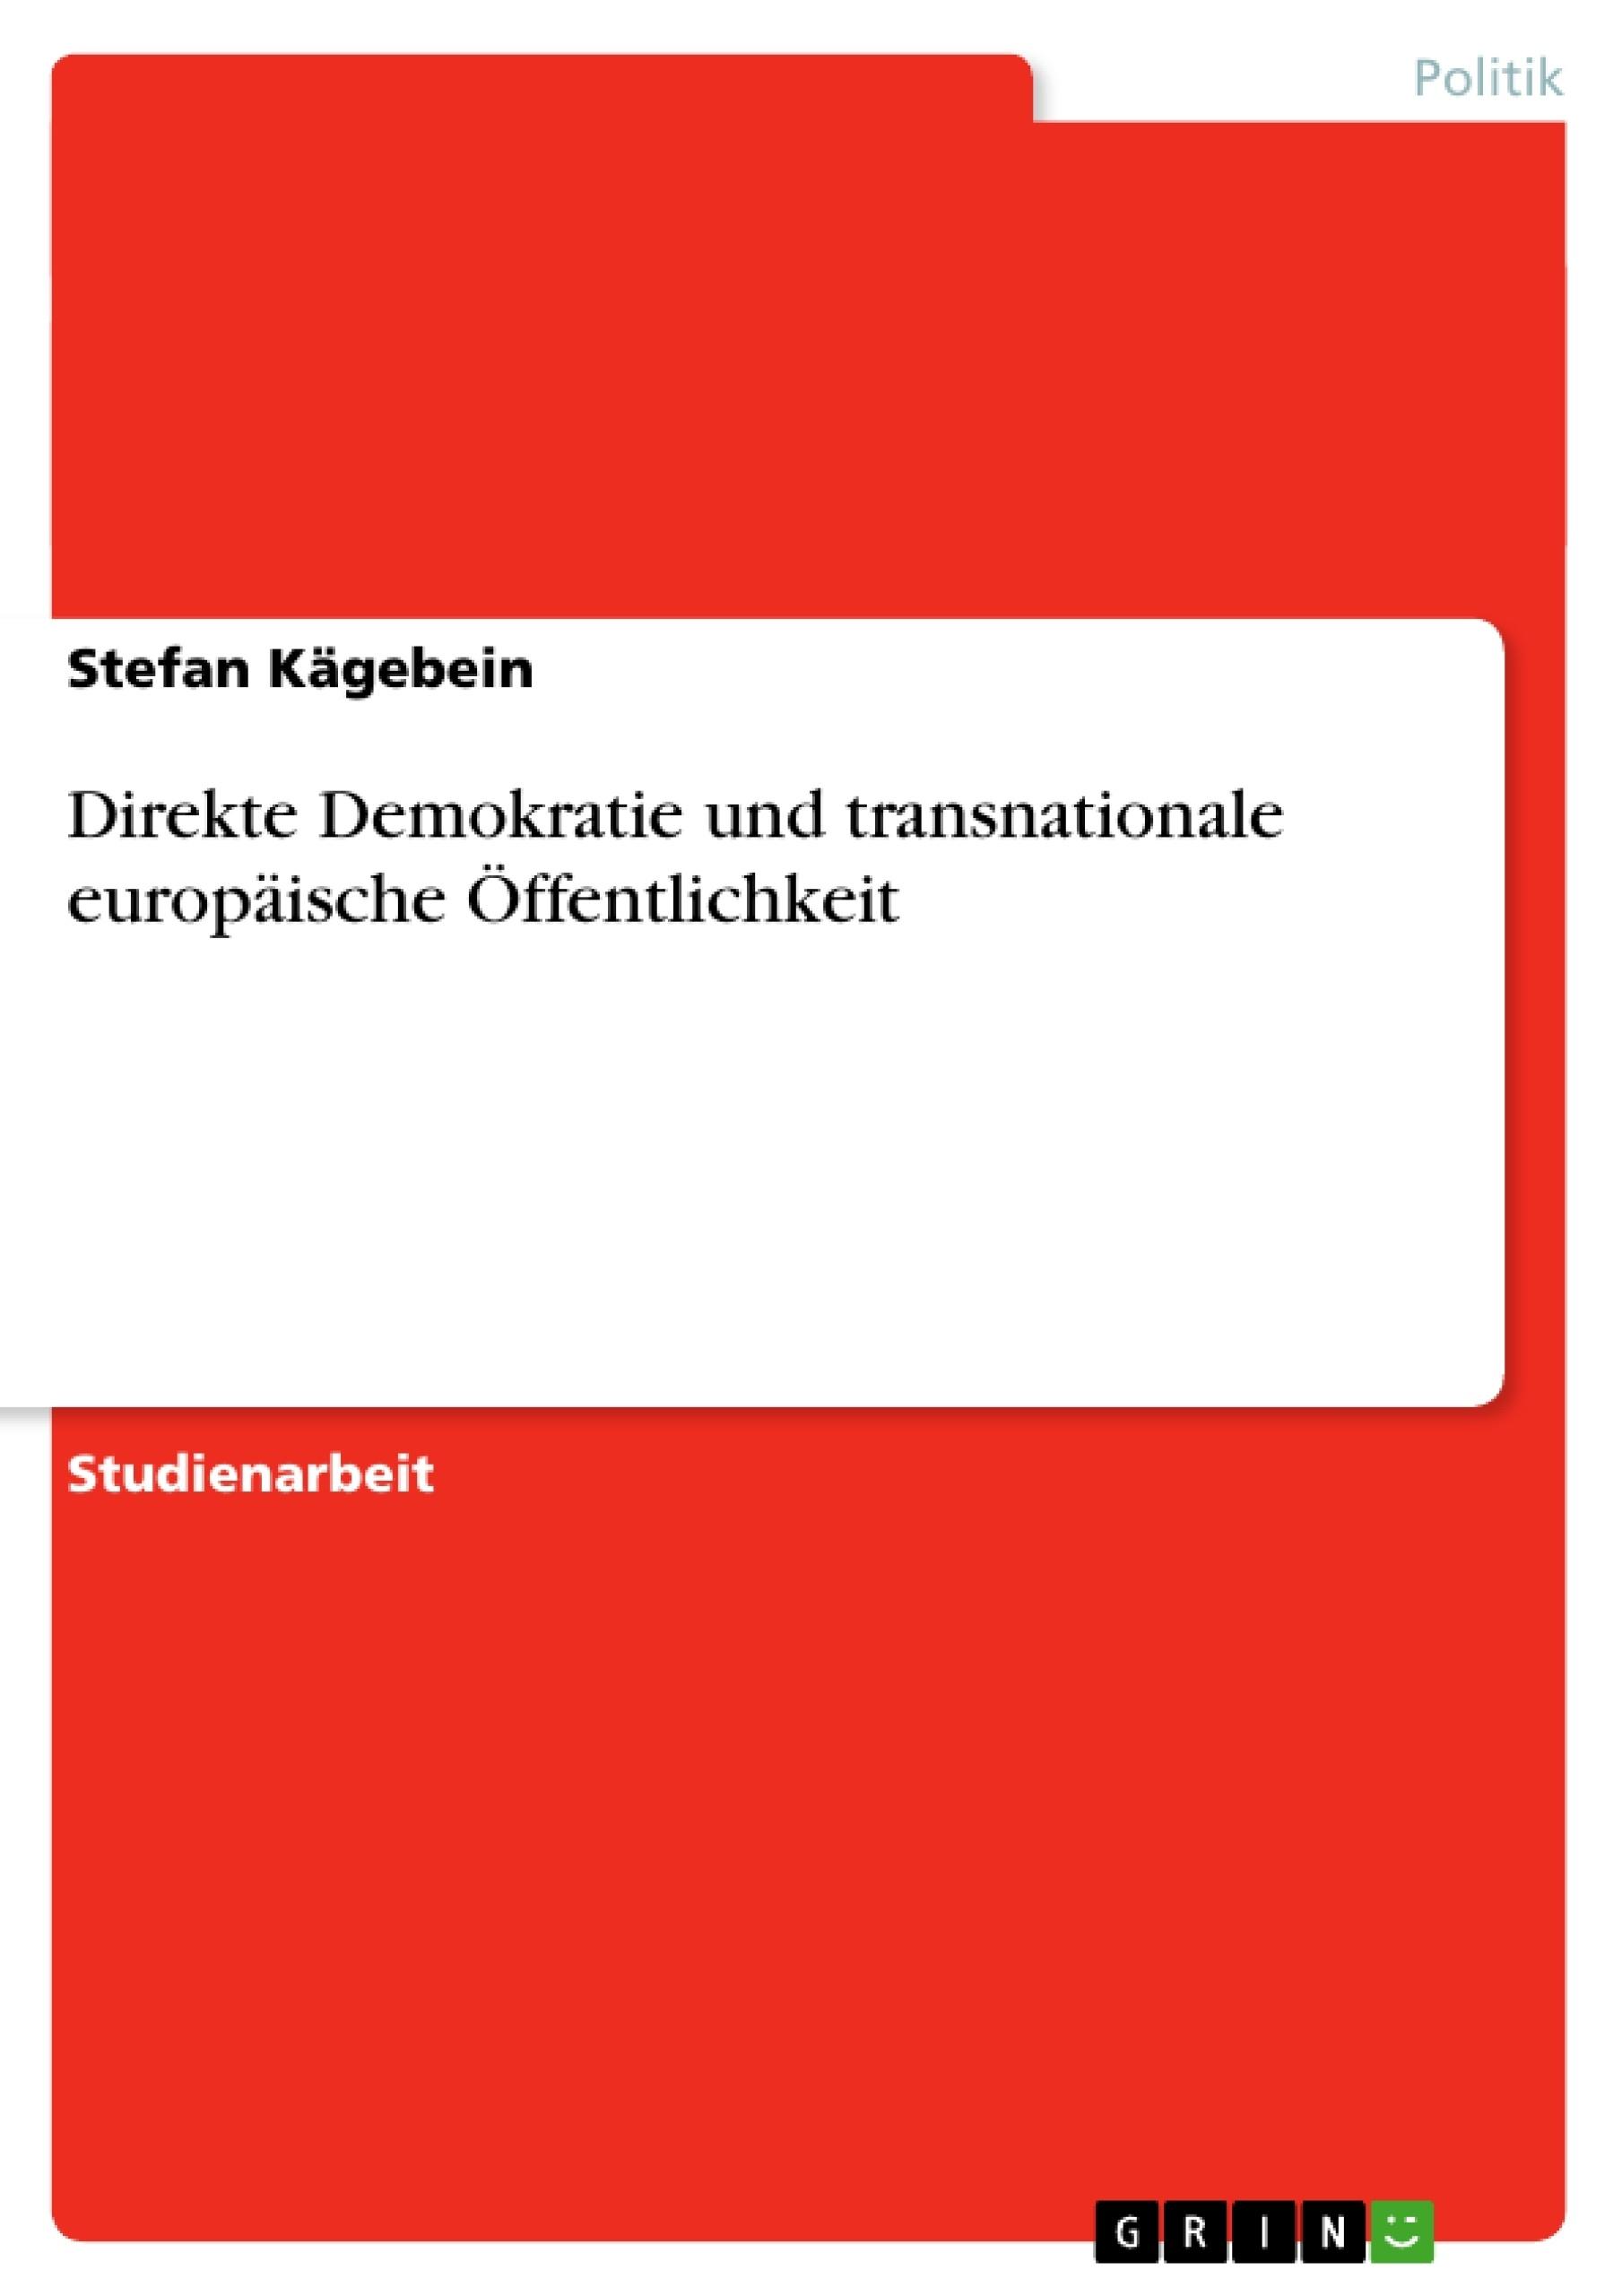 Titel: Direkte Demokratie und transnationale europäische Öffentlichkeit